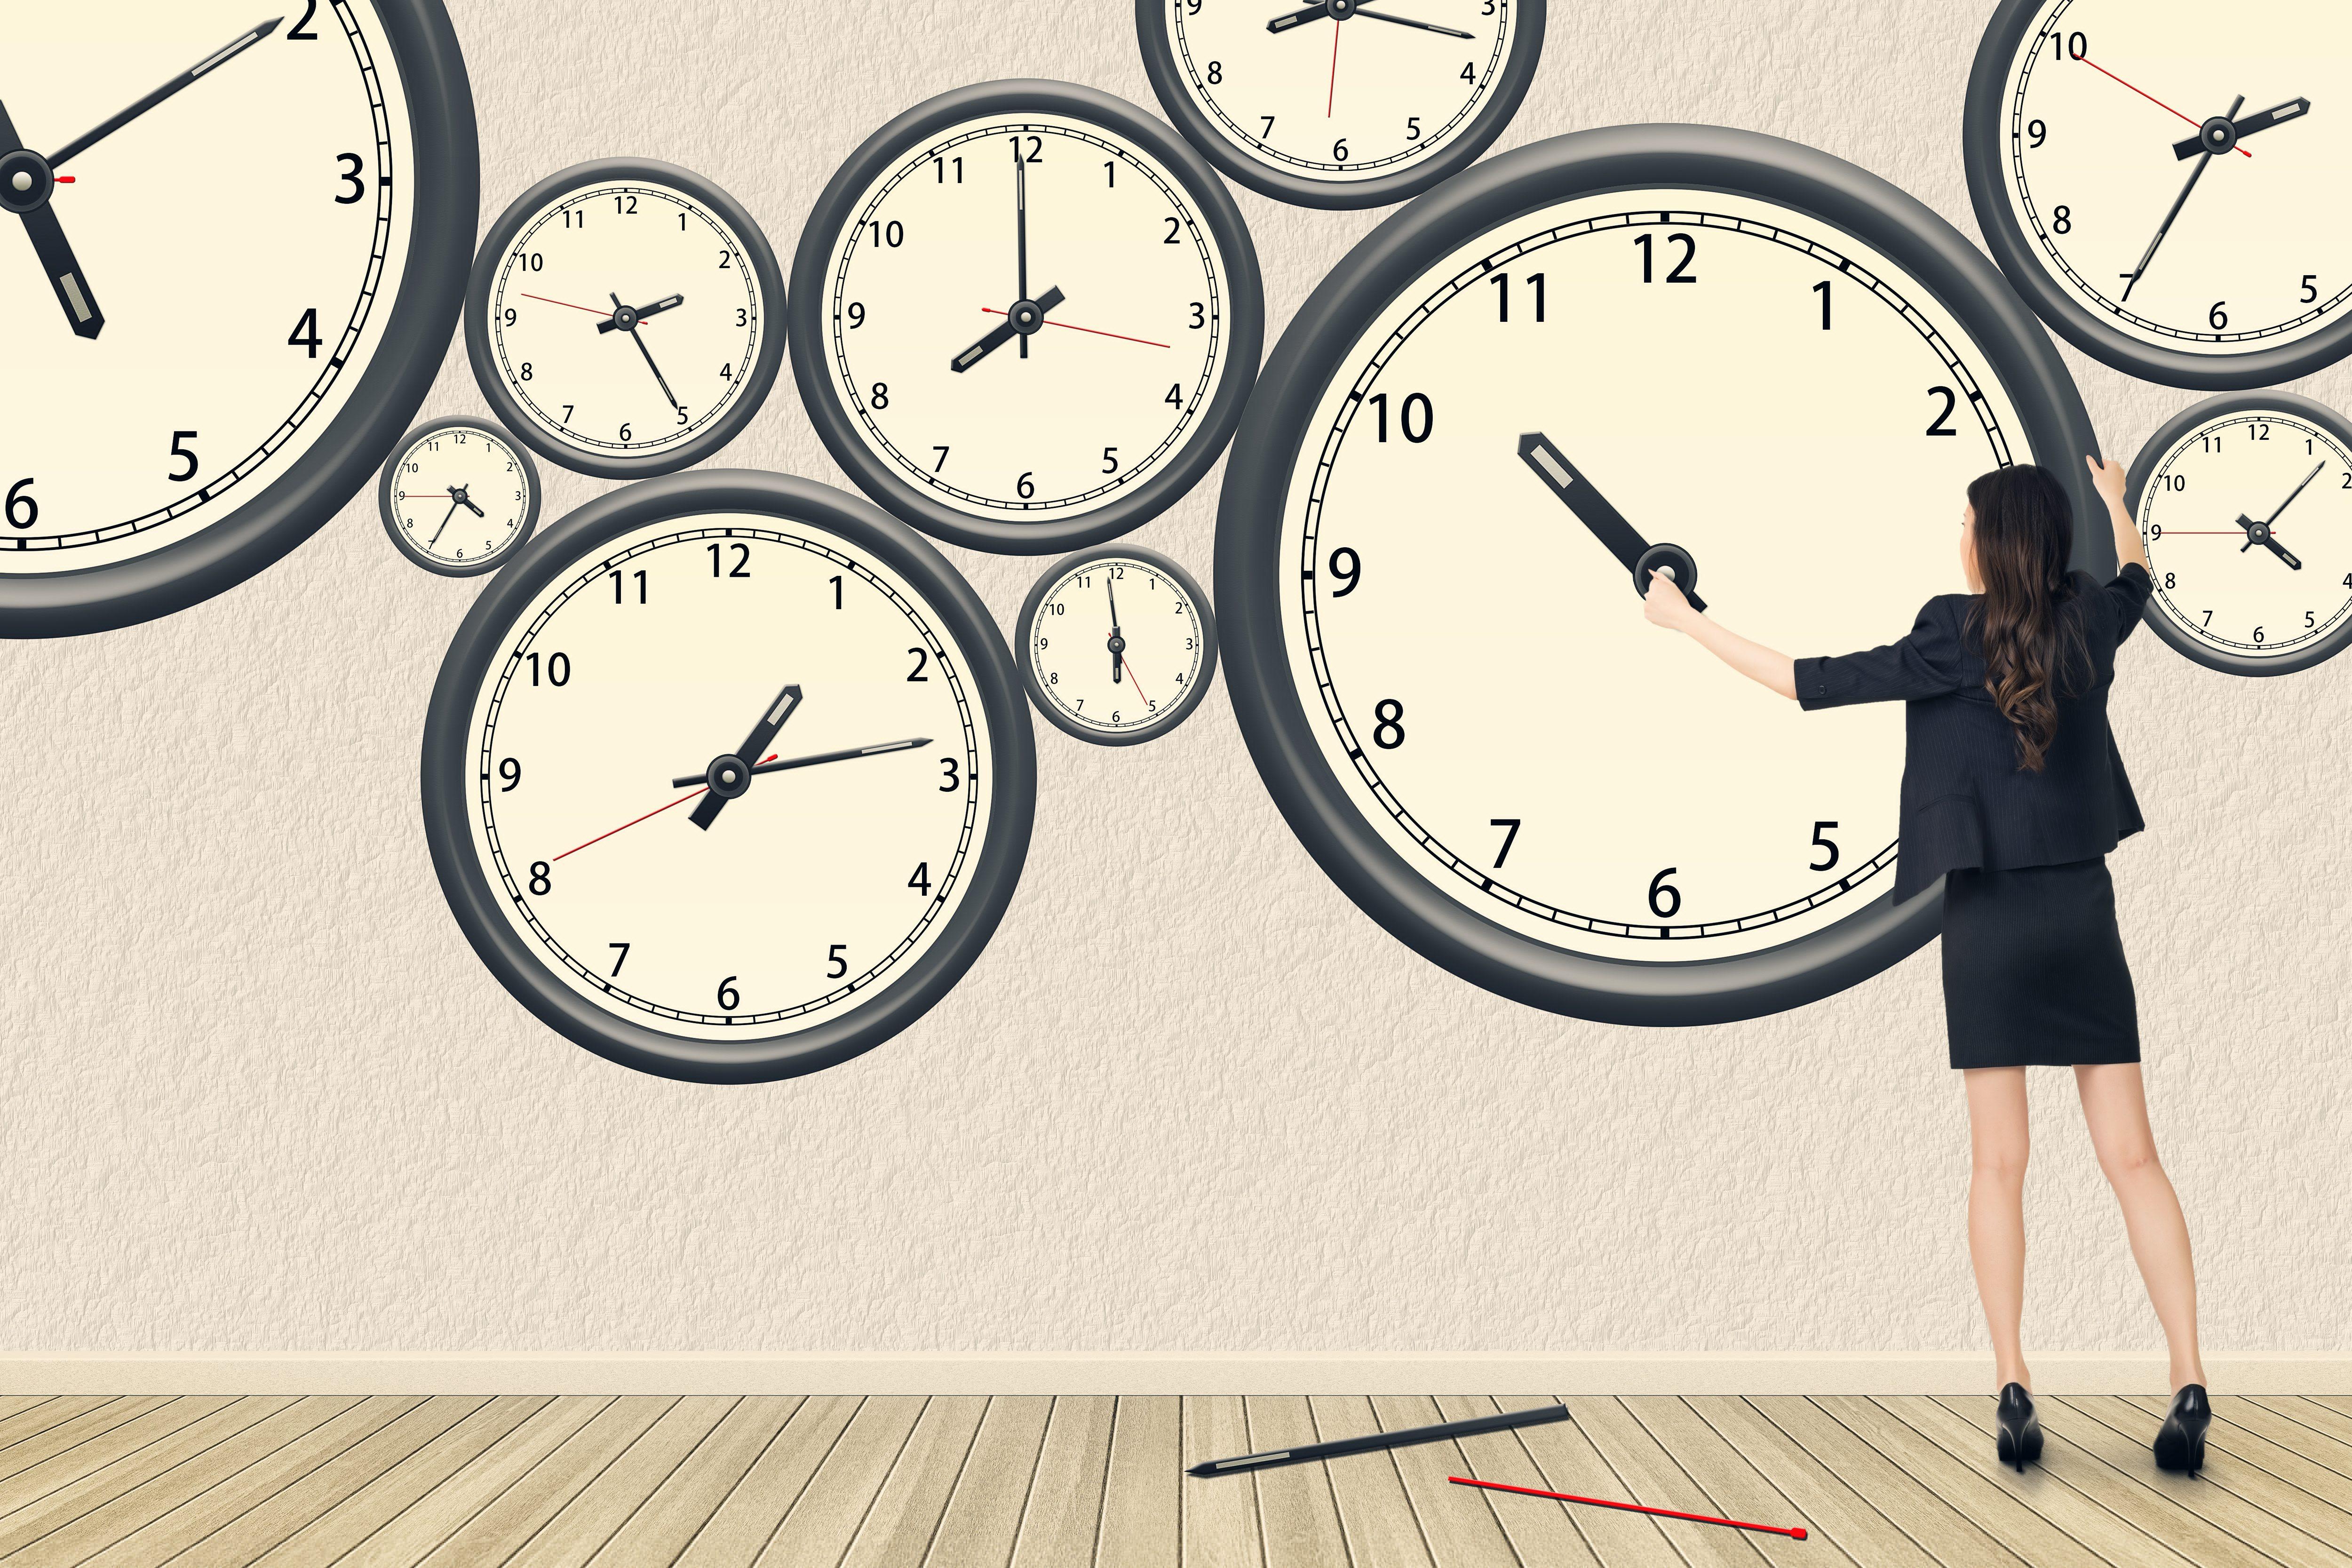 Недоработка при суммированном учете рабочего времени